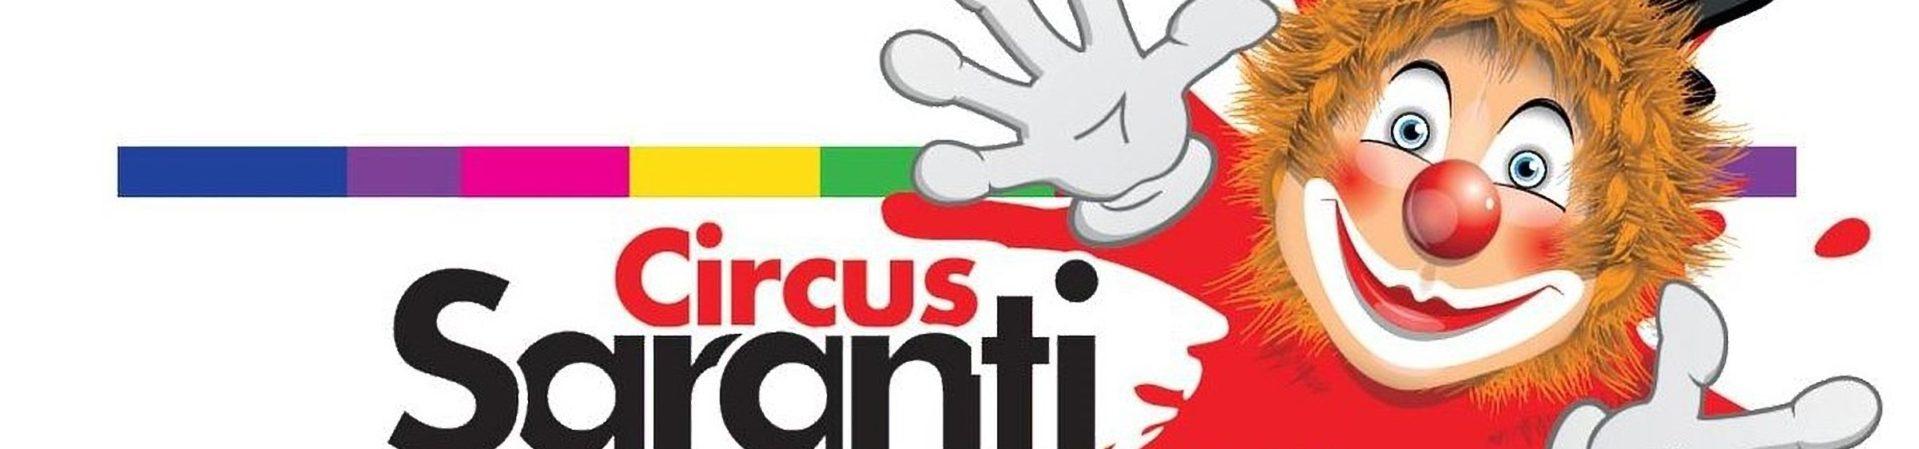 Theatercircus Saranti 1920x450